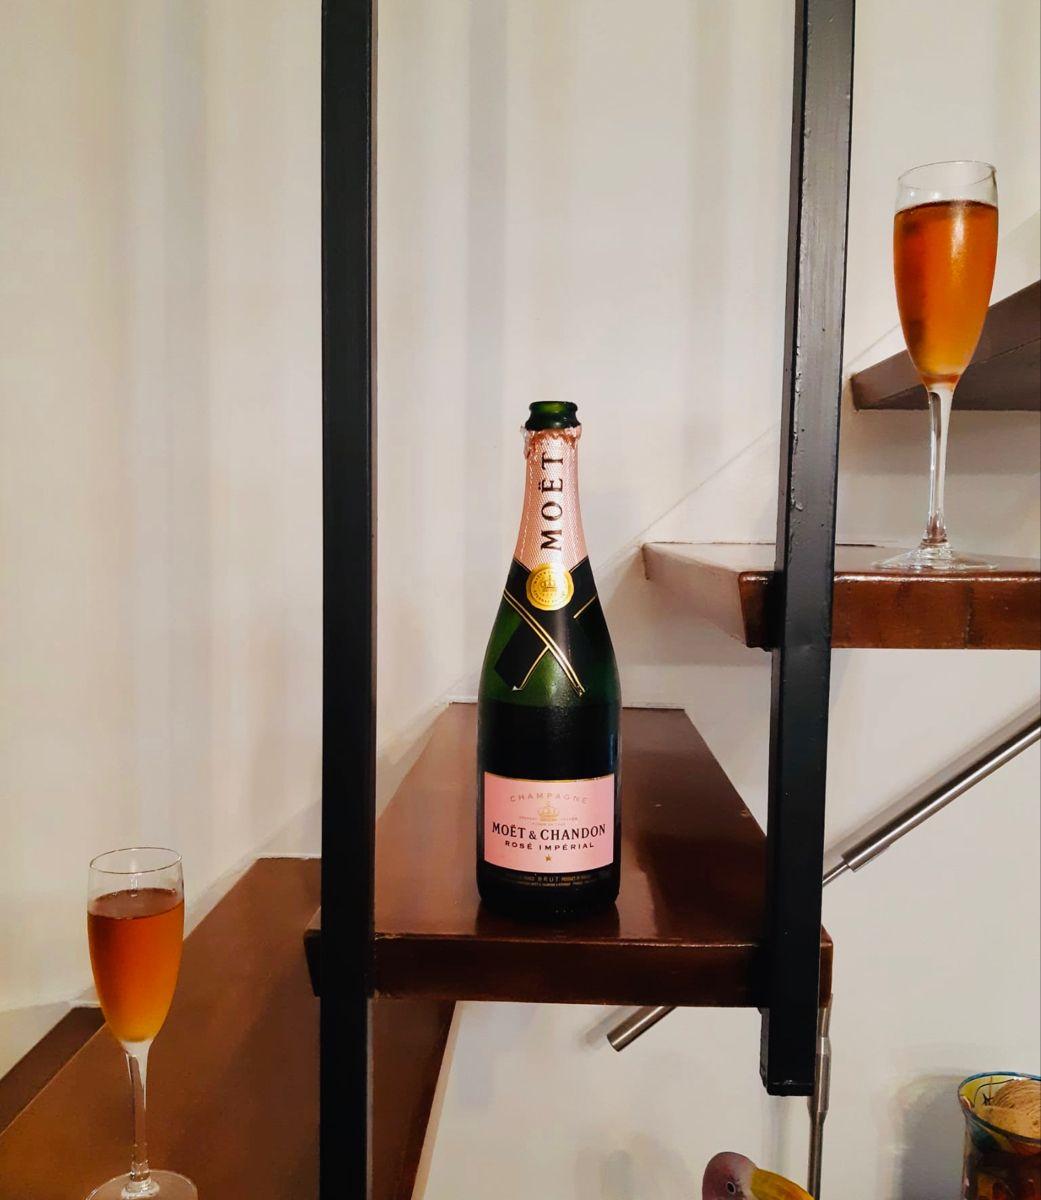 Venta Online De Vinos Y Licores Bodegas Reyes Magos Tienda De Licor Botellas De Vino Vinos